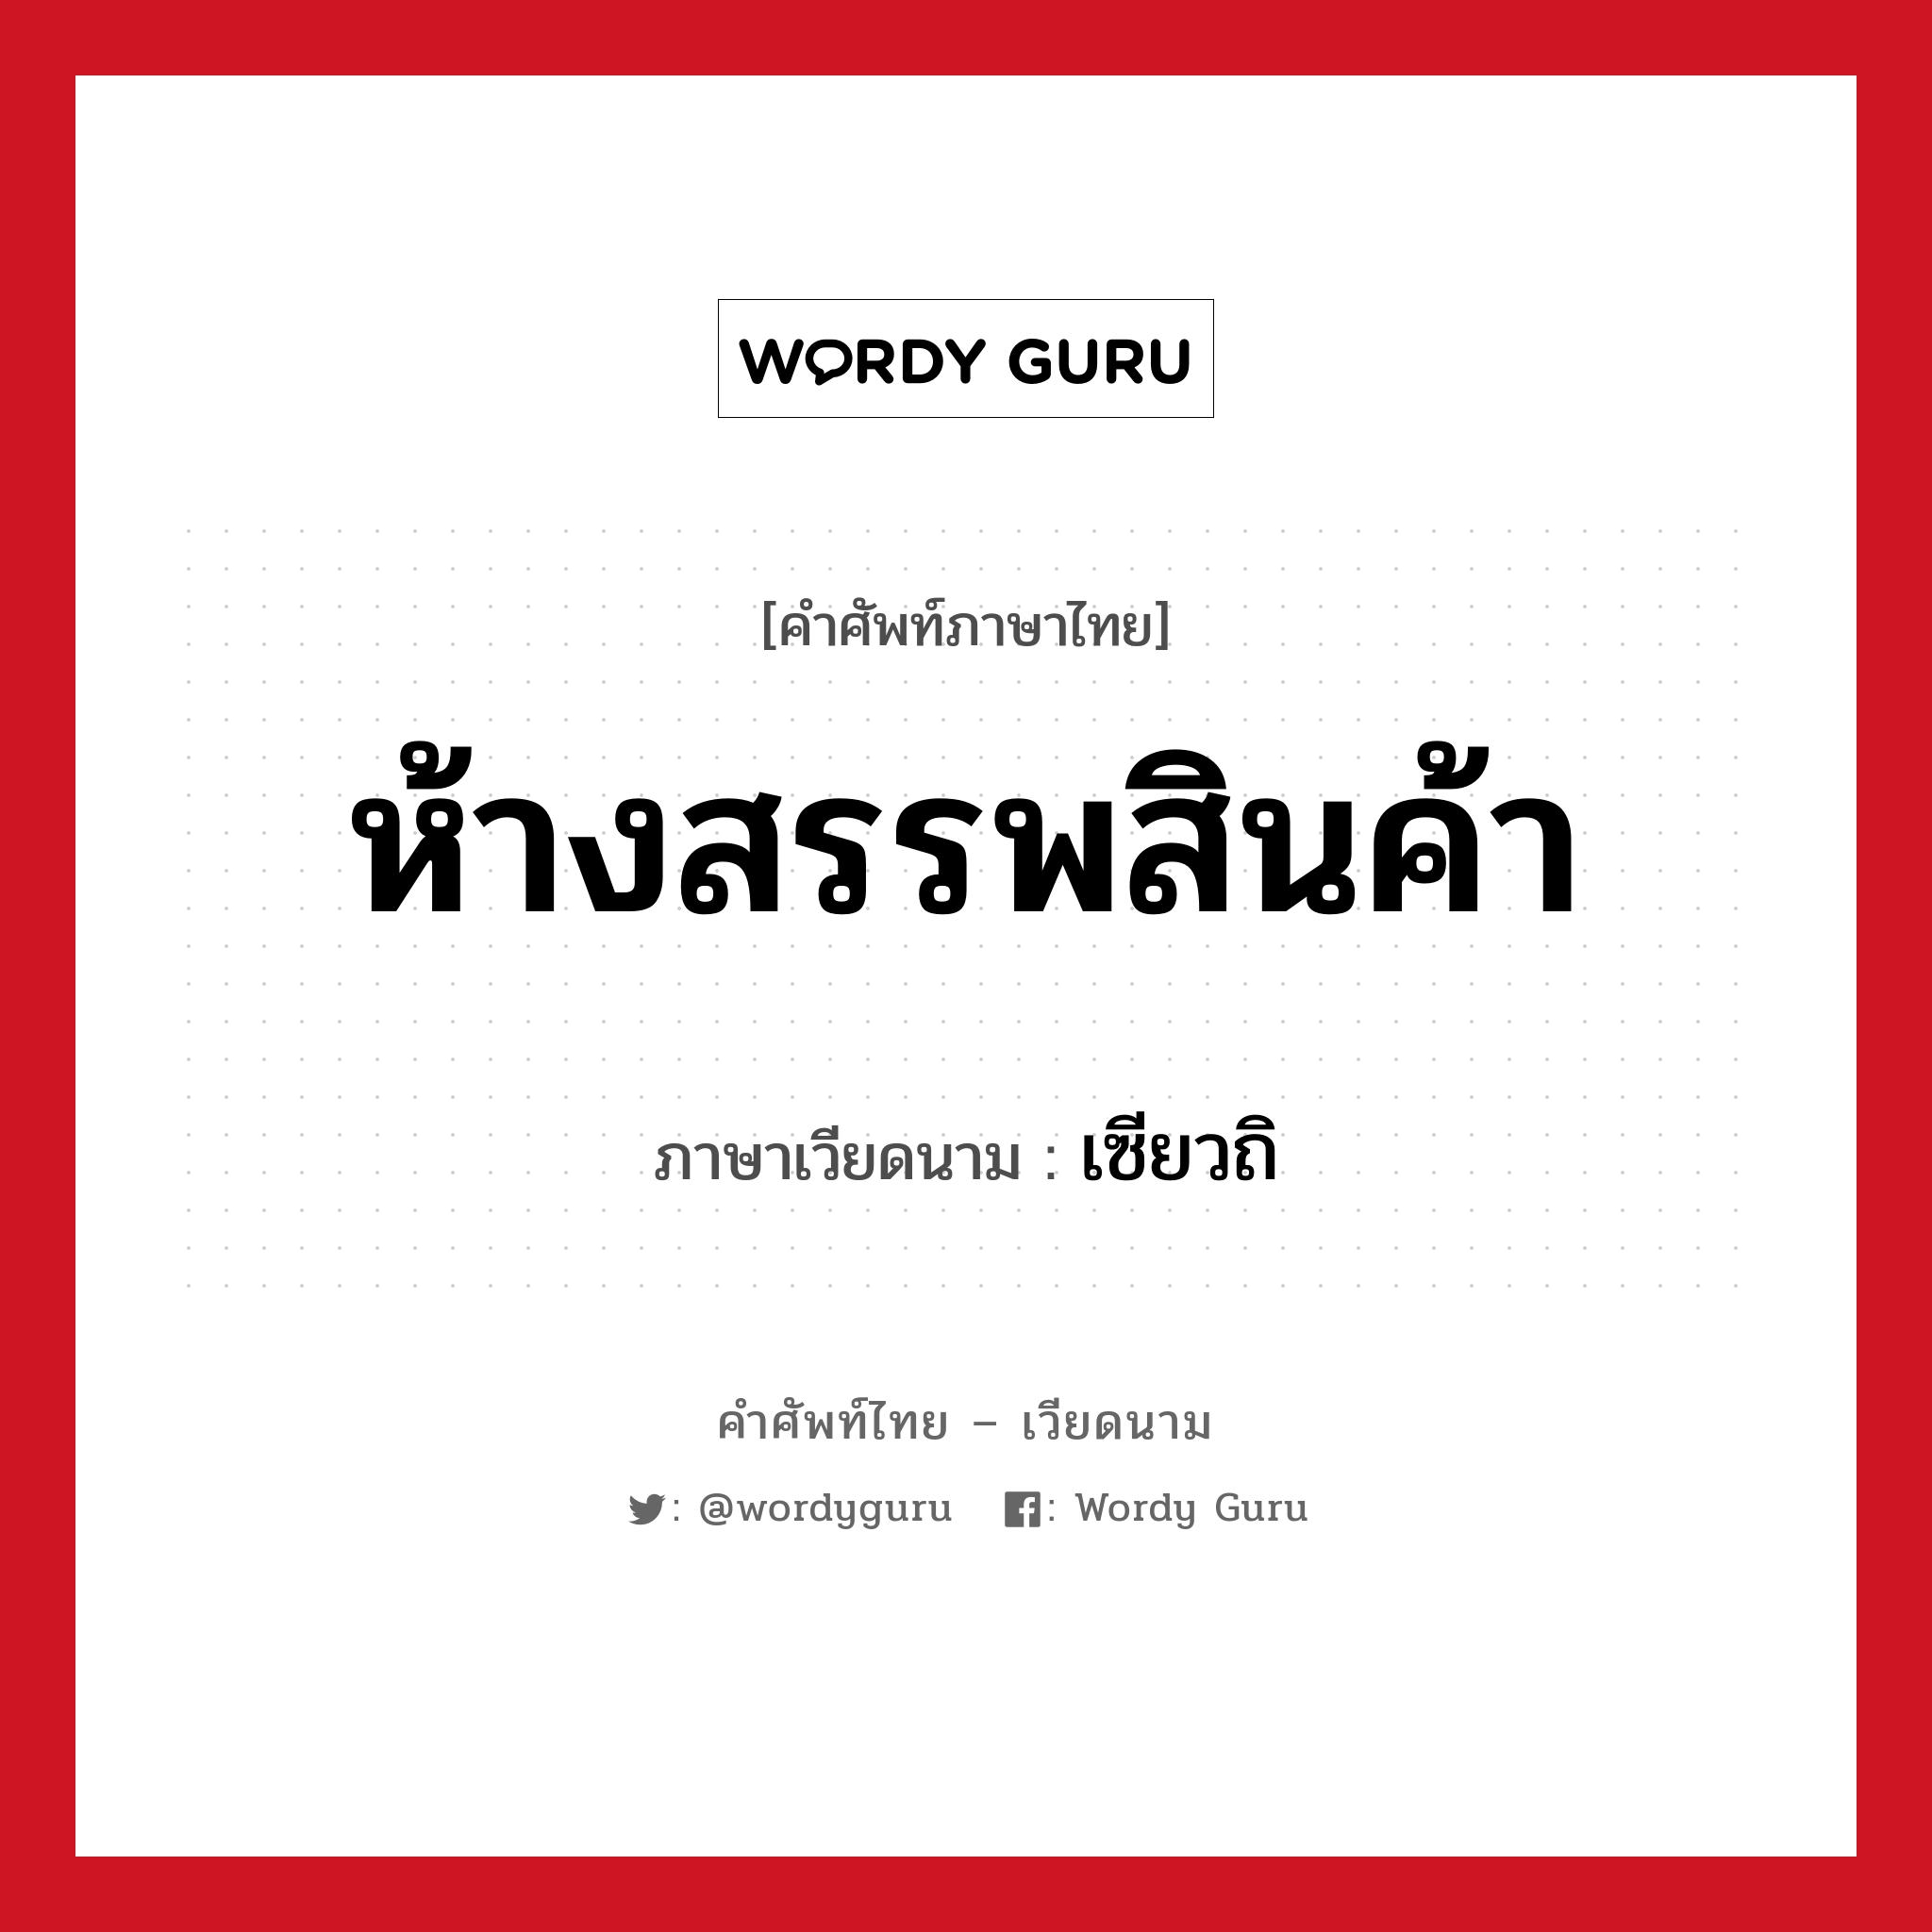 ห้างสรรพสินค้า ภาษาเวียดนาม คืออะไร - คำศัพท์ไทย – เวียดนาม